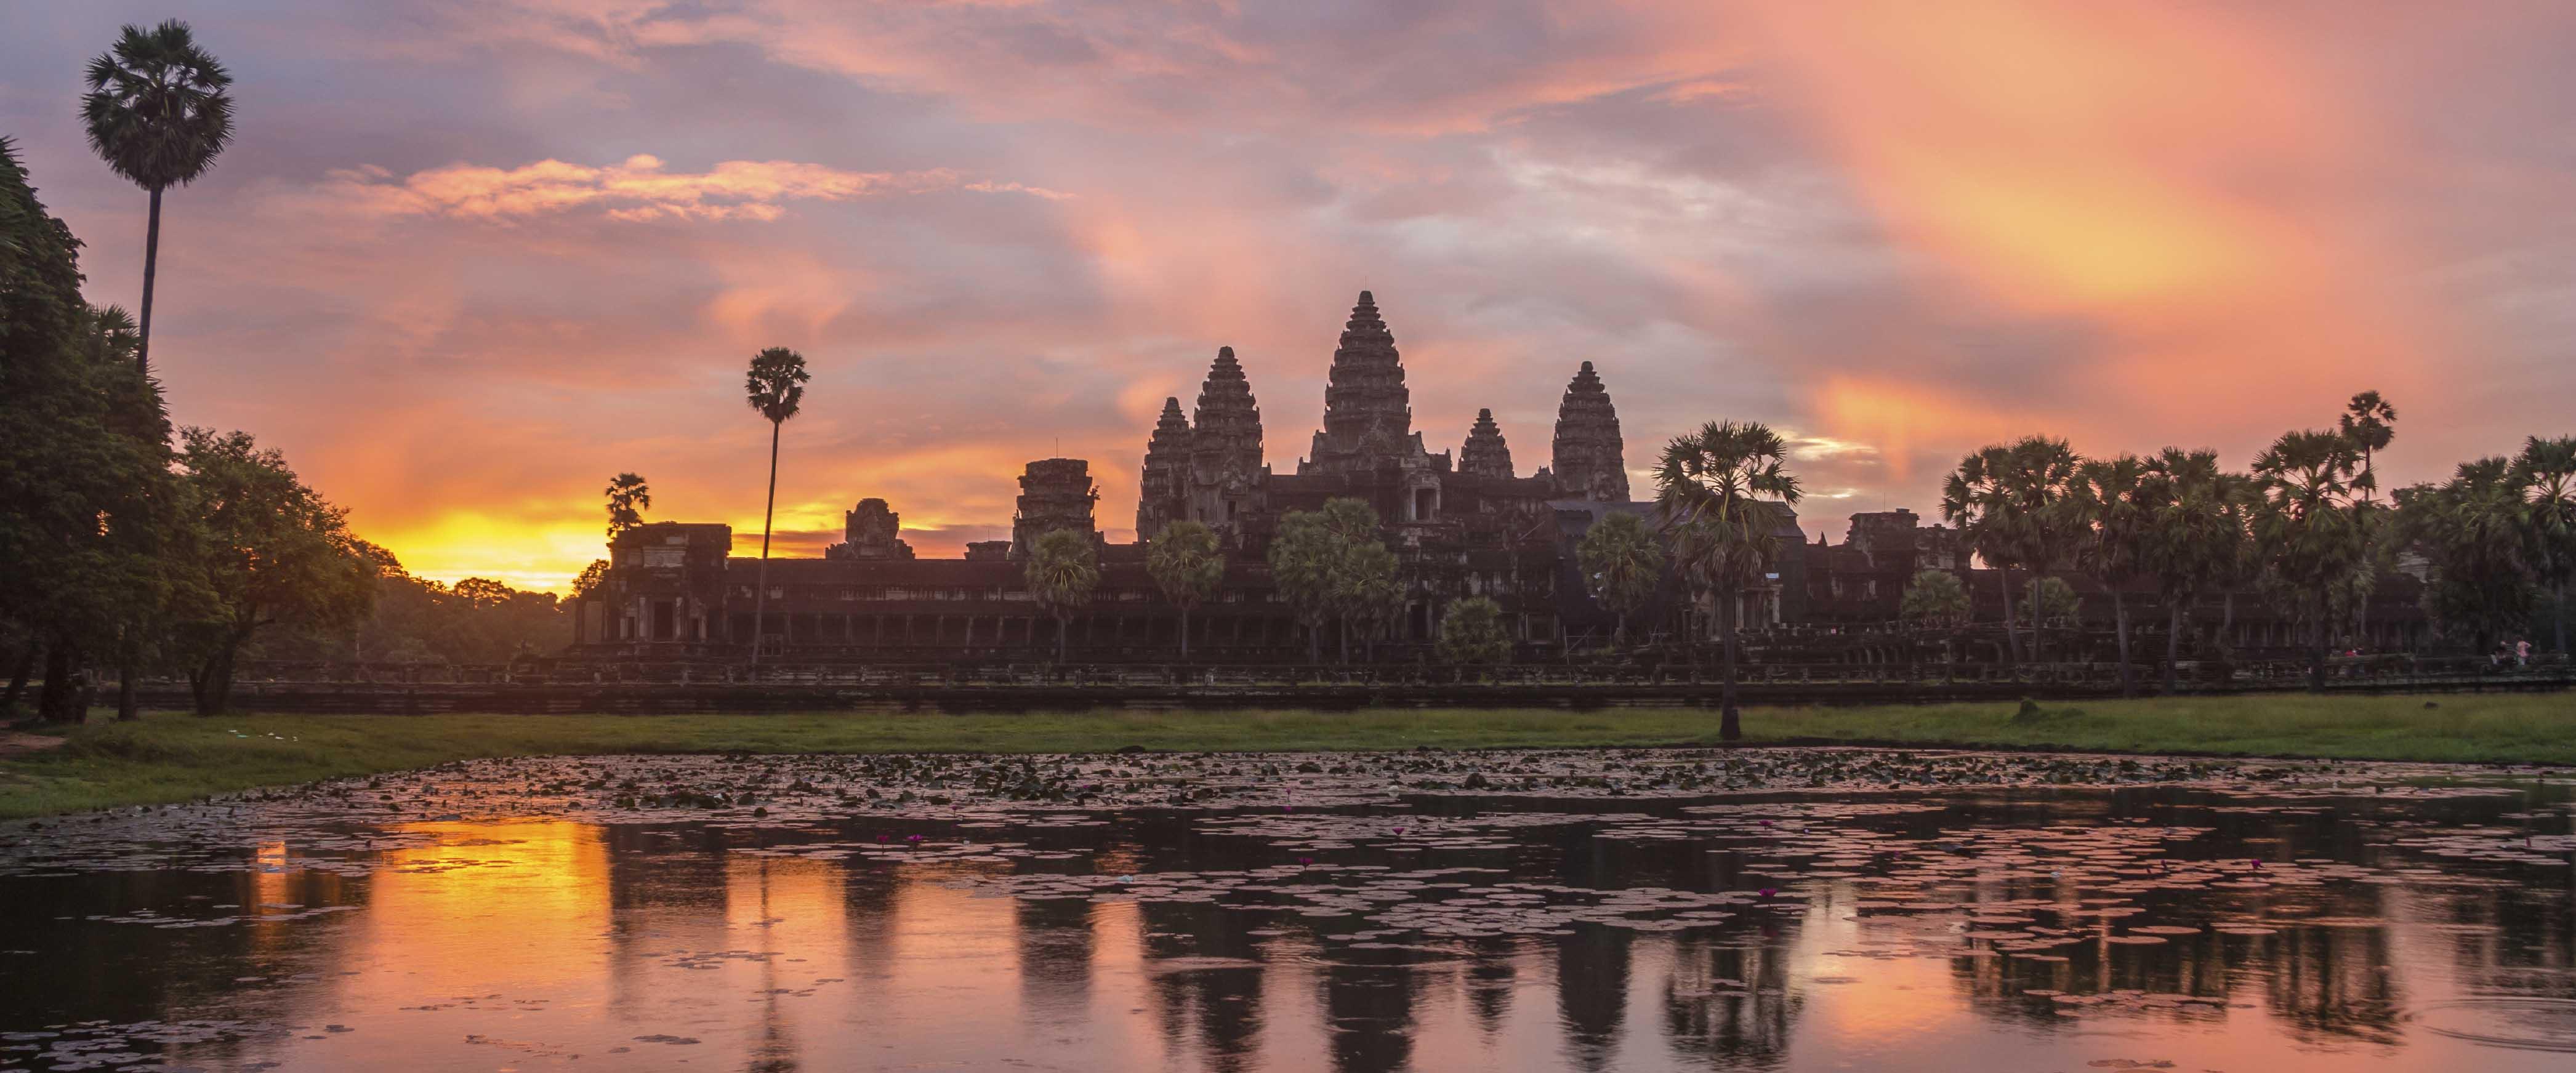 Temple en pierre éclairé par un coucher de soleil